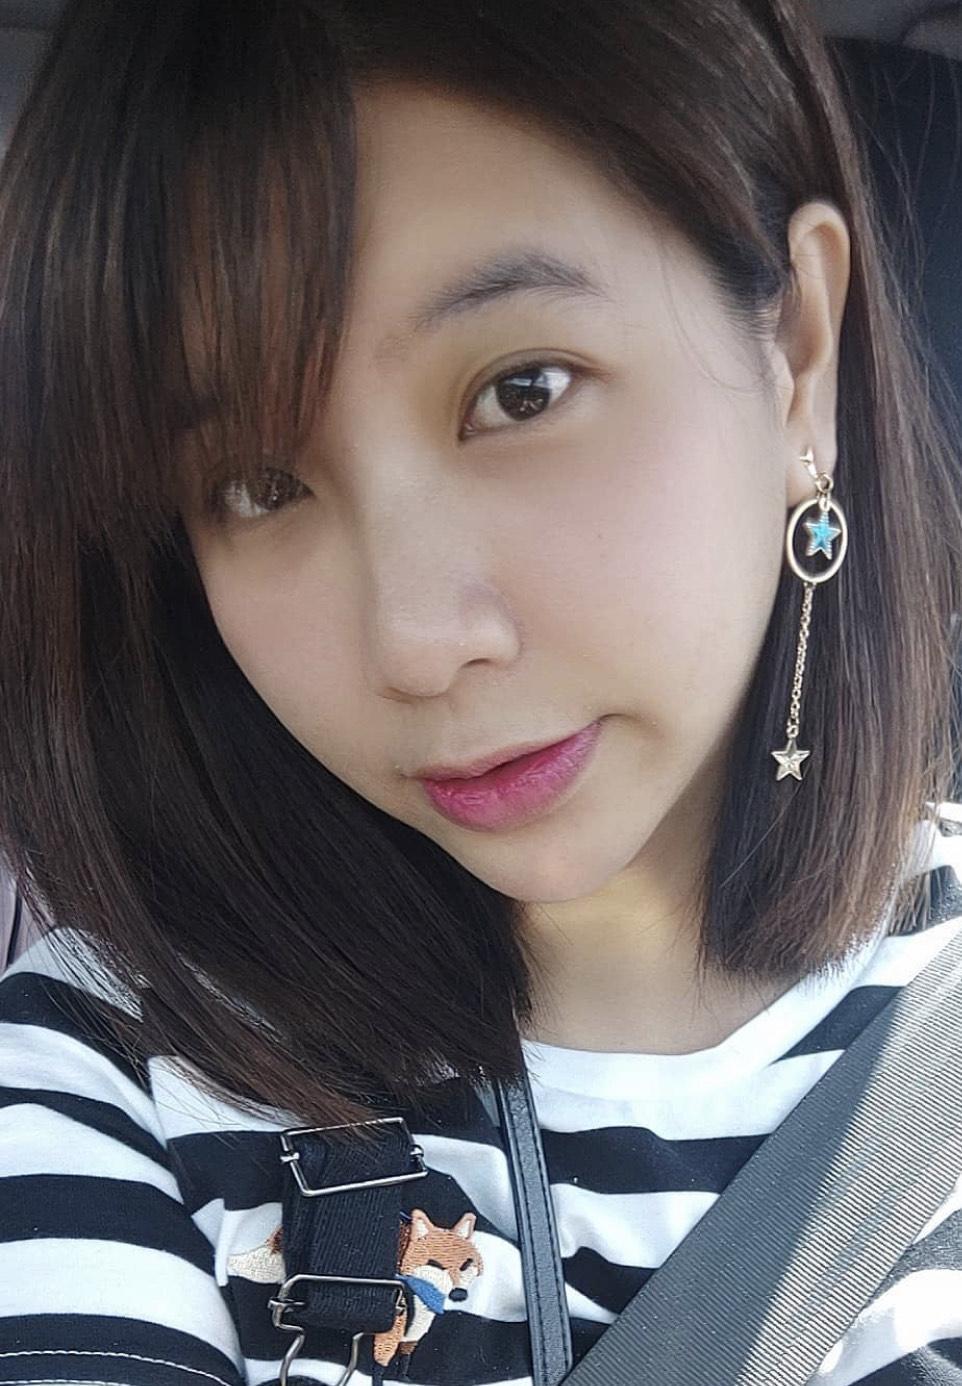 有網友分析指出吳夢夢身材雖然較為圓潤,但宛如鄰家女孩的臉蛋才是她最大的優勢。(翻攝自吳夢夢IG)